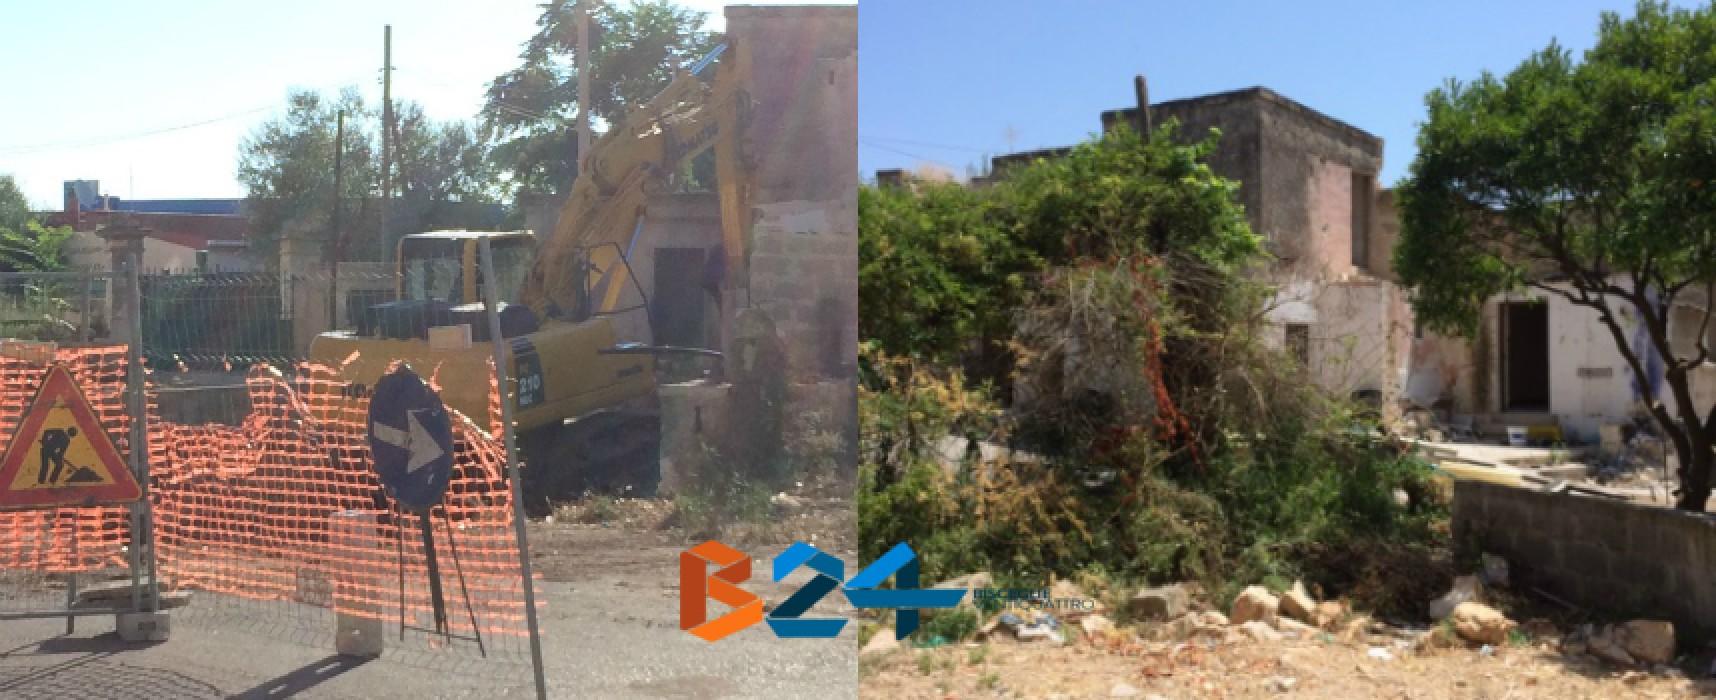 Demolito ultimo immobile espropriato nella zona 167, al via le ultime urbanizzazioni